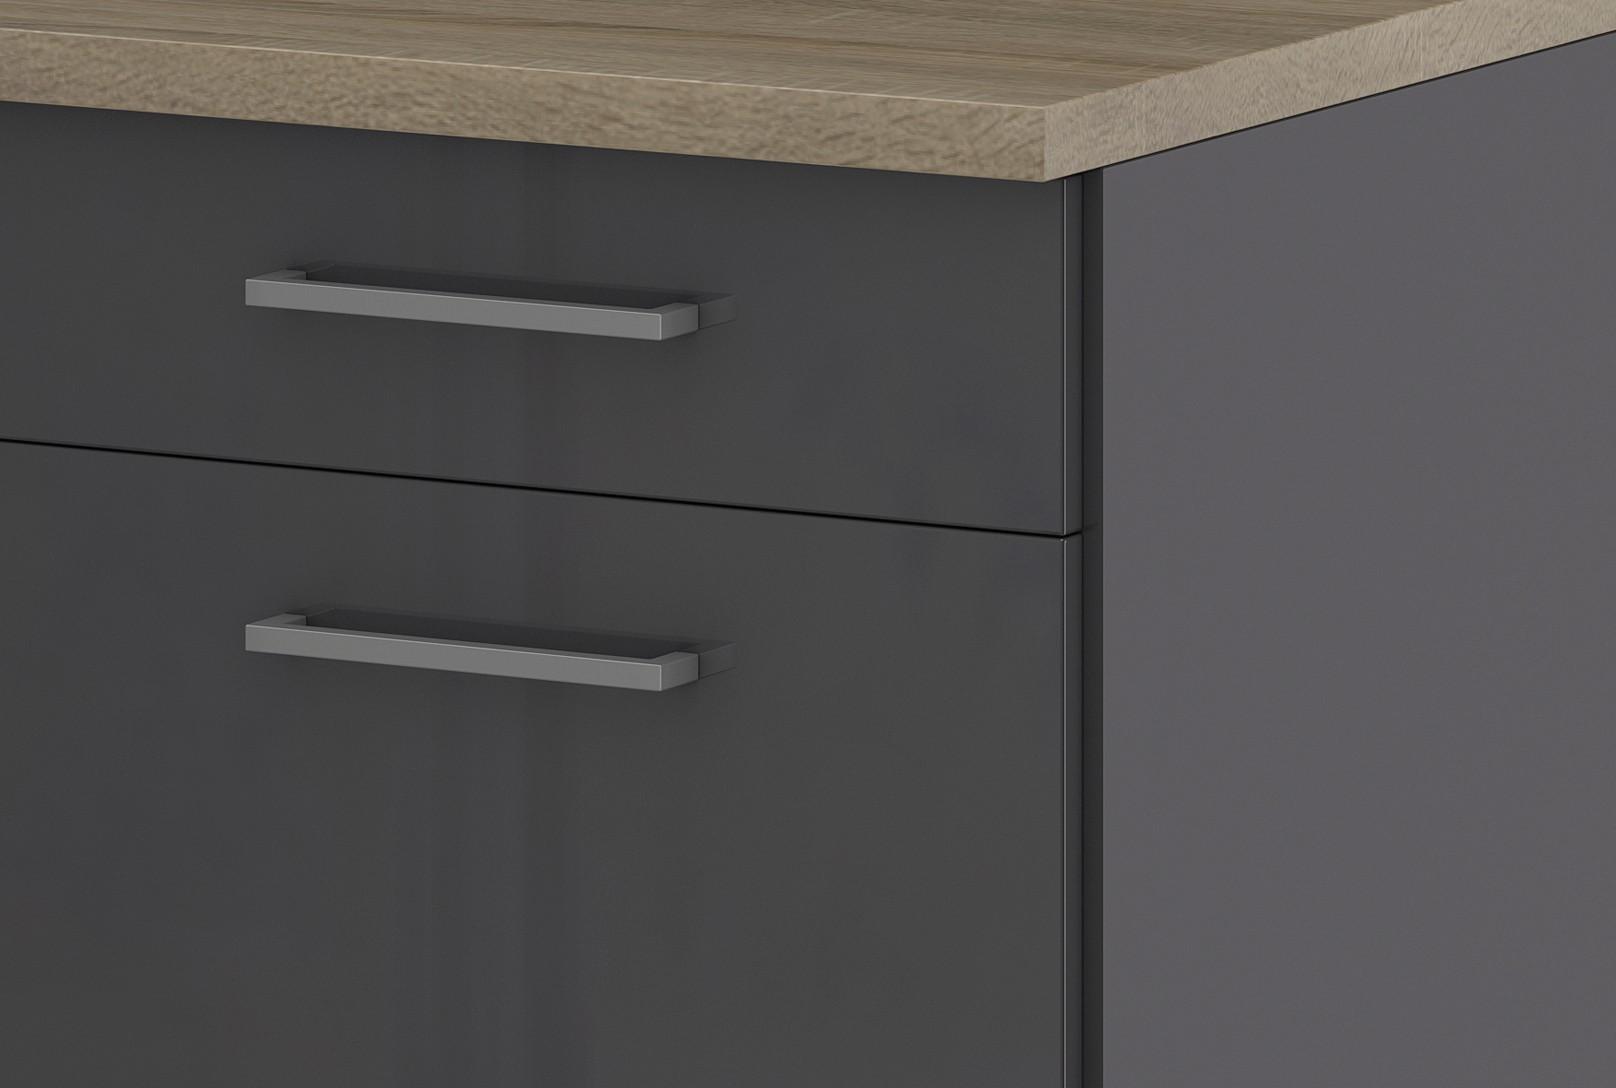 k chen unterschrank m nchen 2 ausz ge 1 schublade hochglanz grau graphit k che m nchen. Black Bedroom Furniture Sets. Home Design Ideas